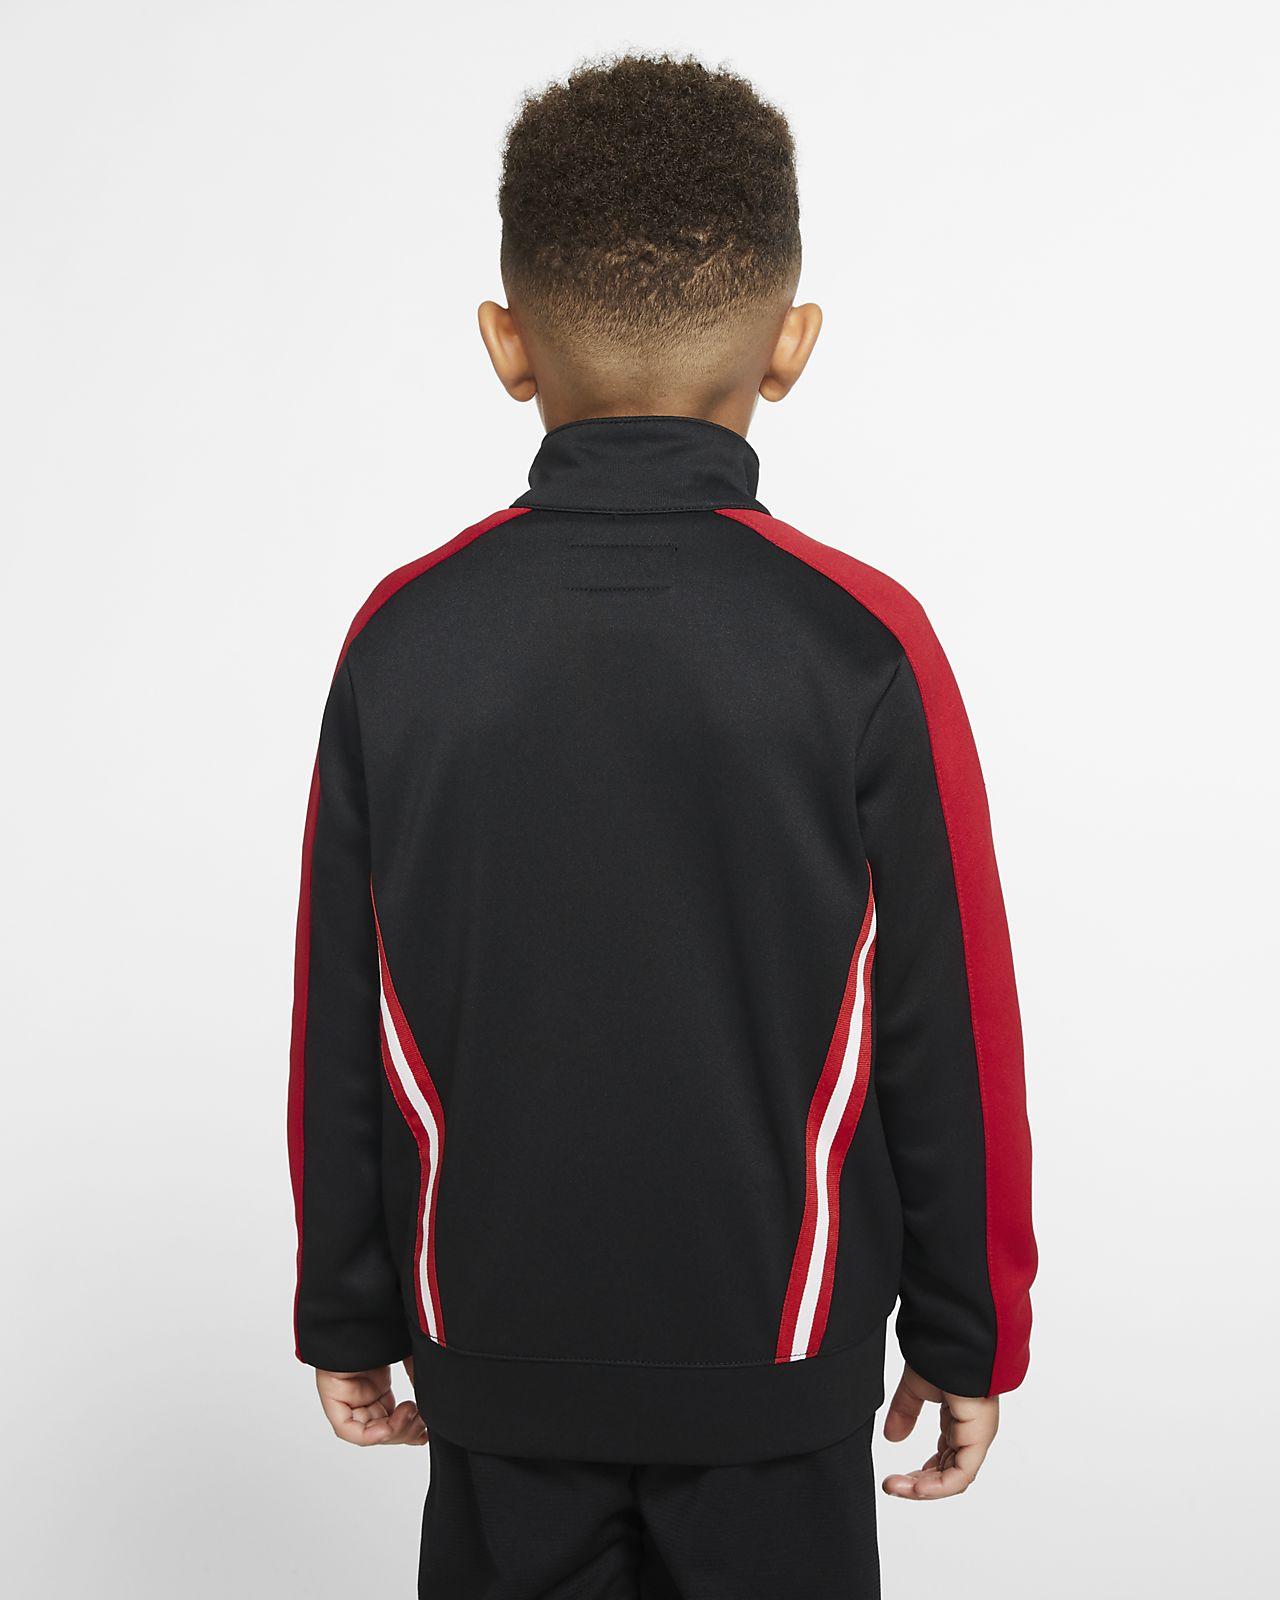 Veste à zip Air Jordan pour Jeune enfant